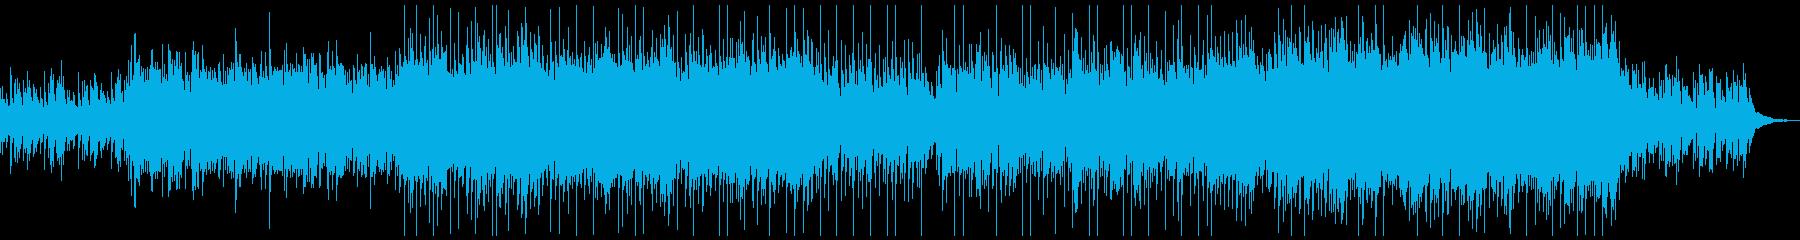 動画CM等感動的なアコースティックギターの再生済みの波形